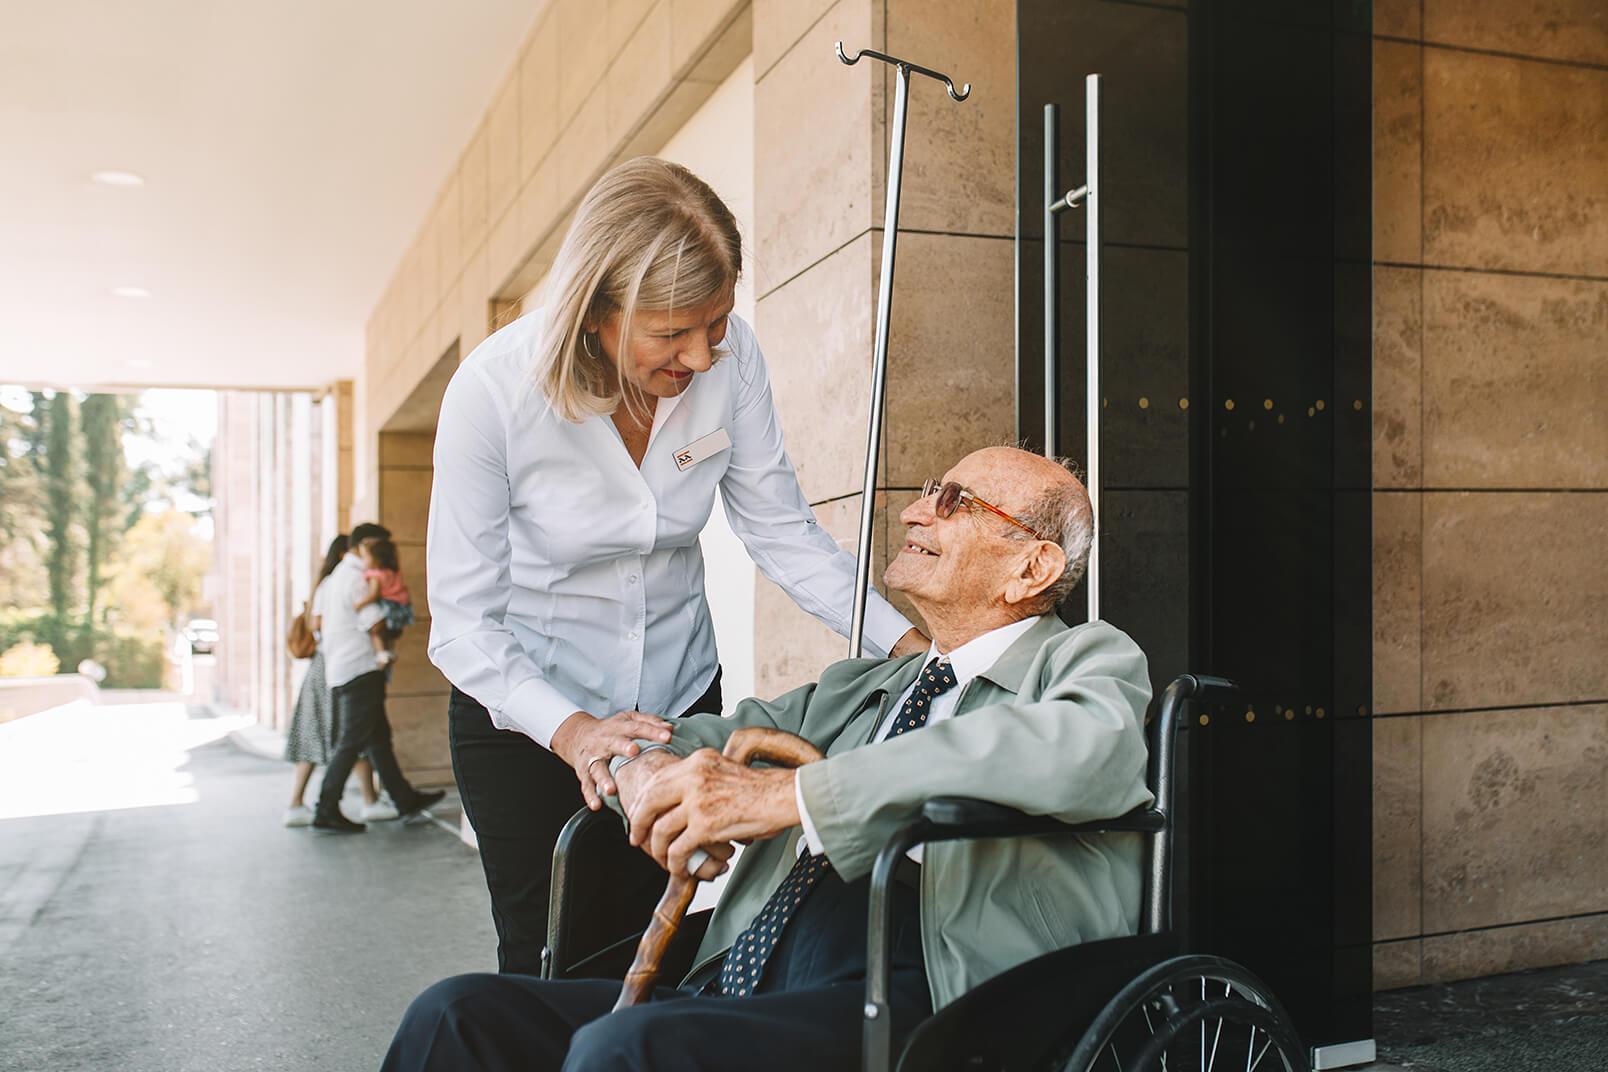 Πρόσβαση στην καλύτερη φροντίδα - Hero Image